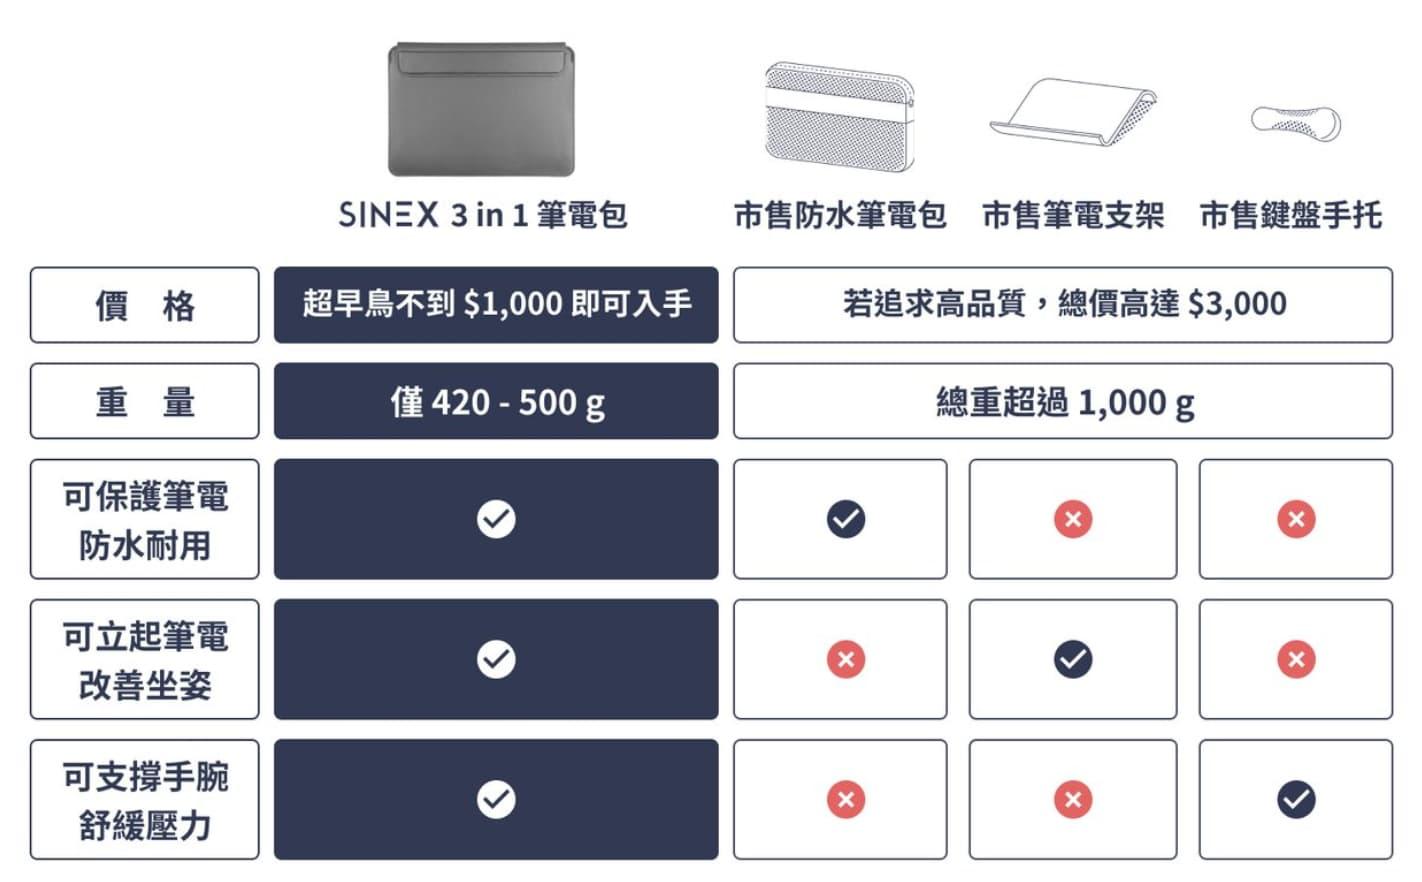 SINEX 變形筆電包開箱評測:3合1多功能變形筆電包問世2